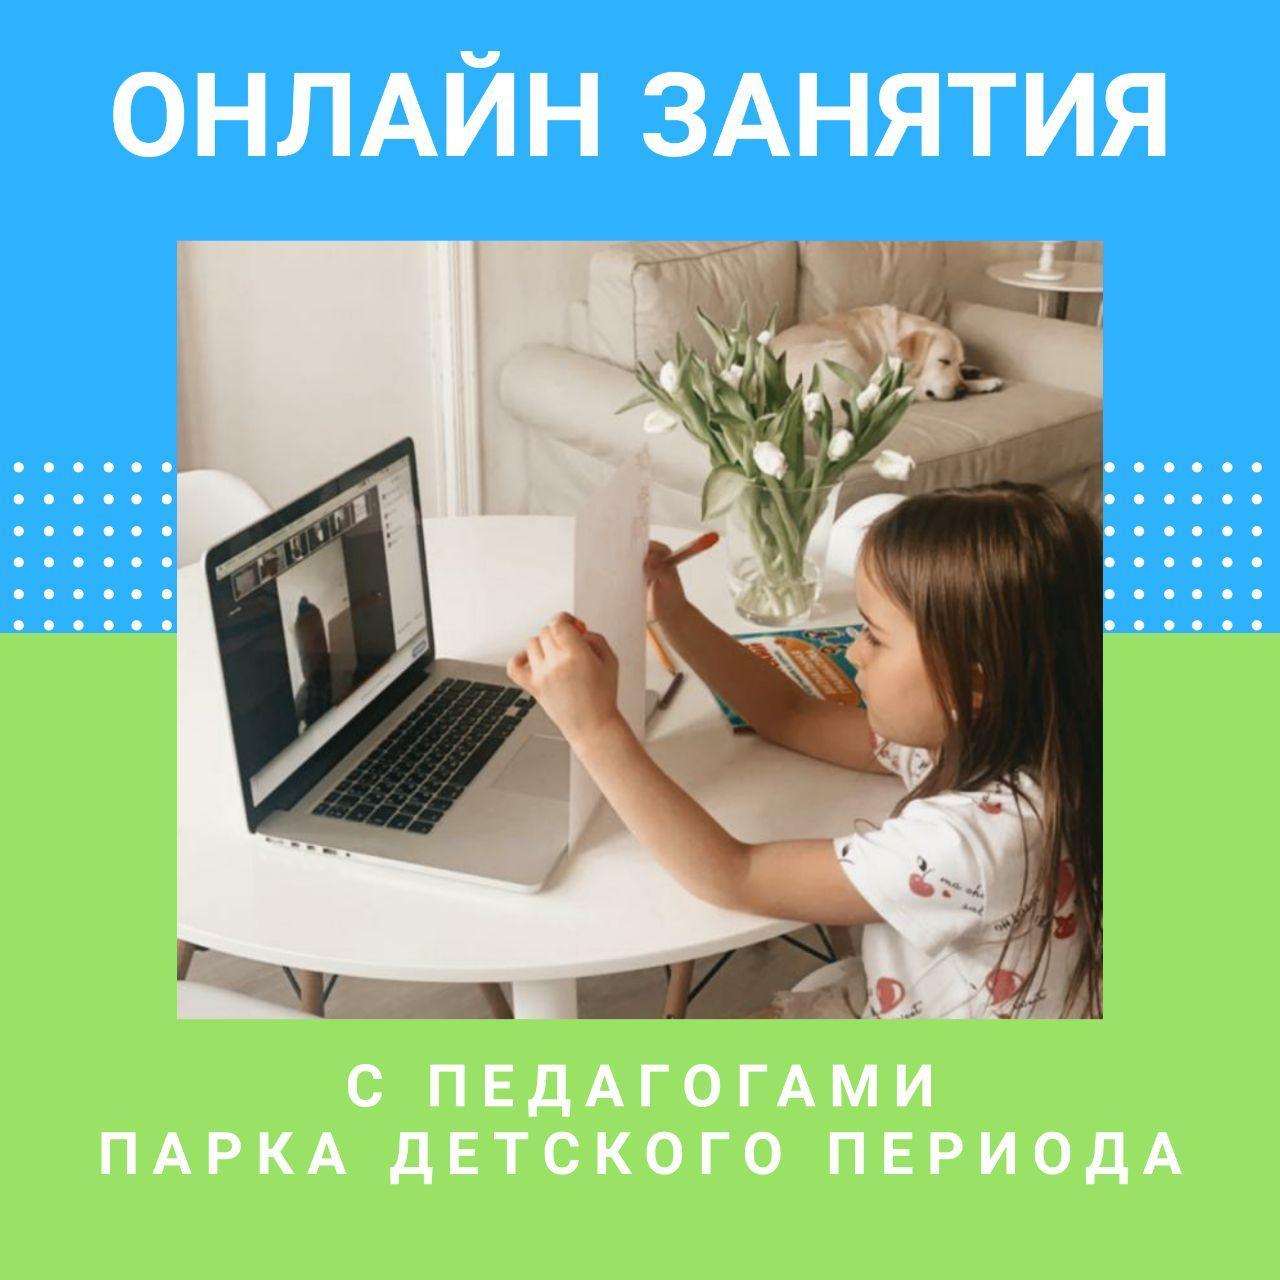 photo_2020-03-27_15-09-38